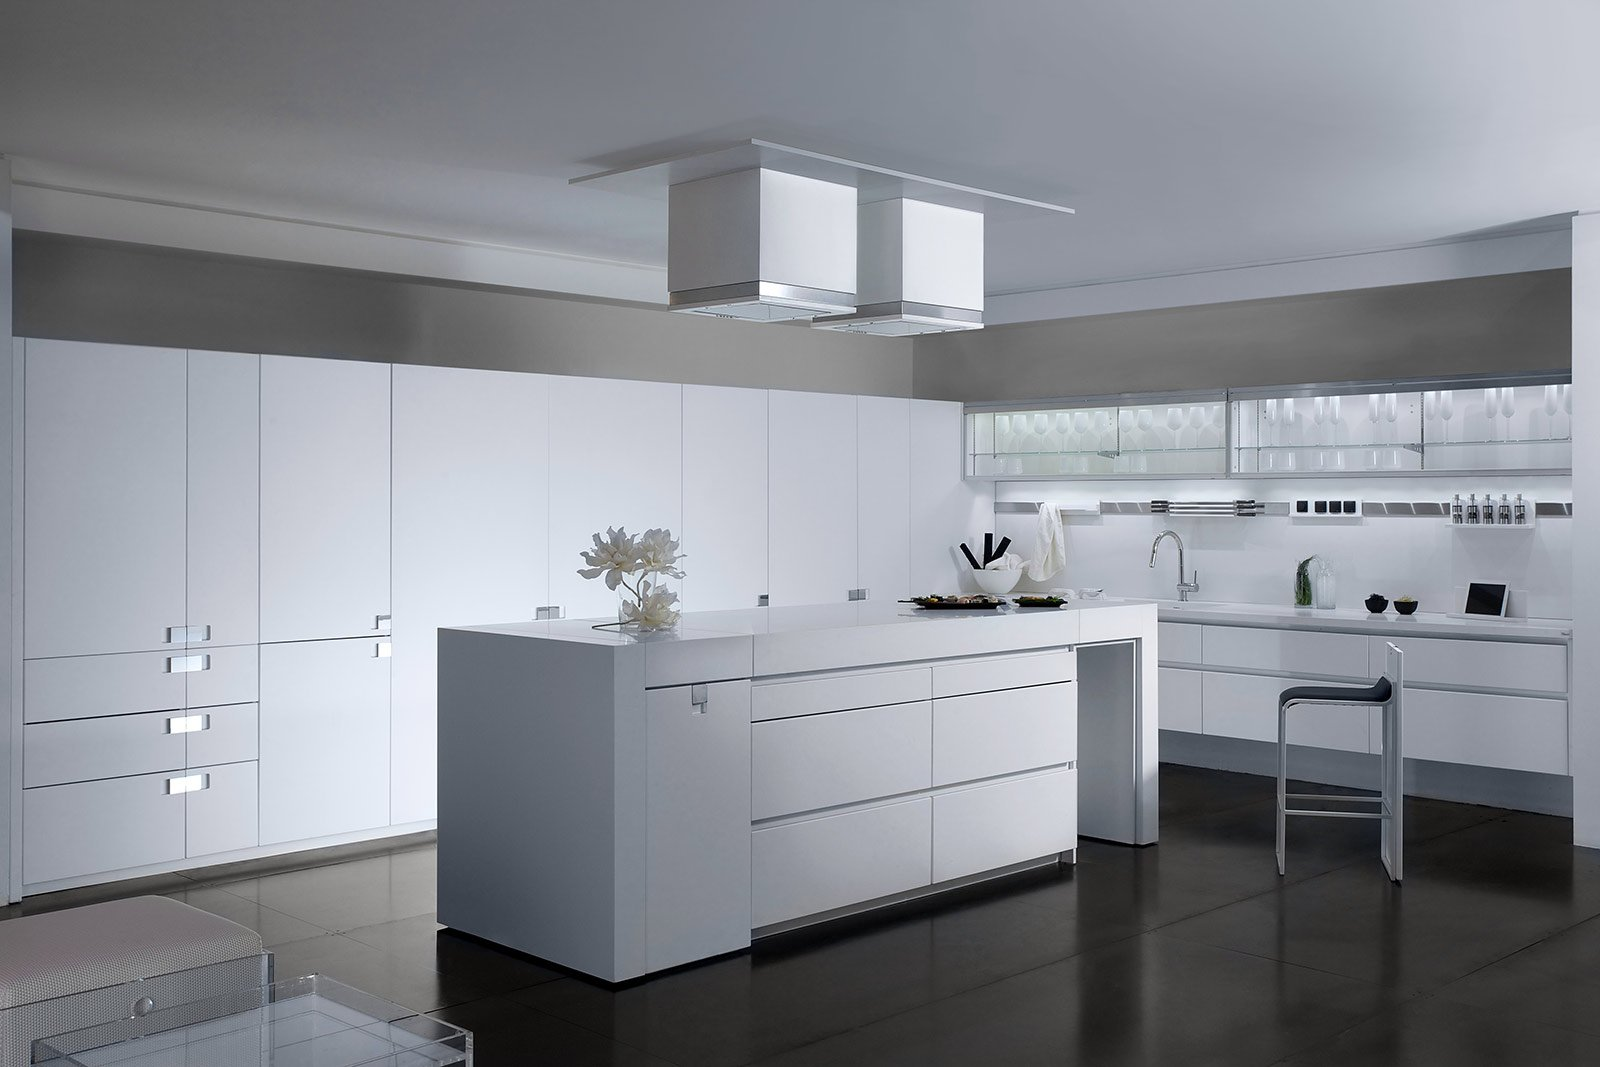 Cucine bianche moderne cose di casa - Cucine belle moderne ...